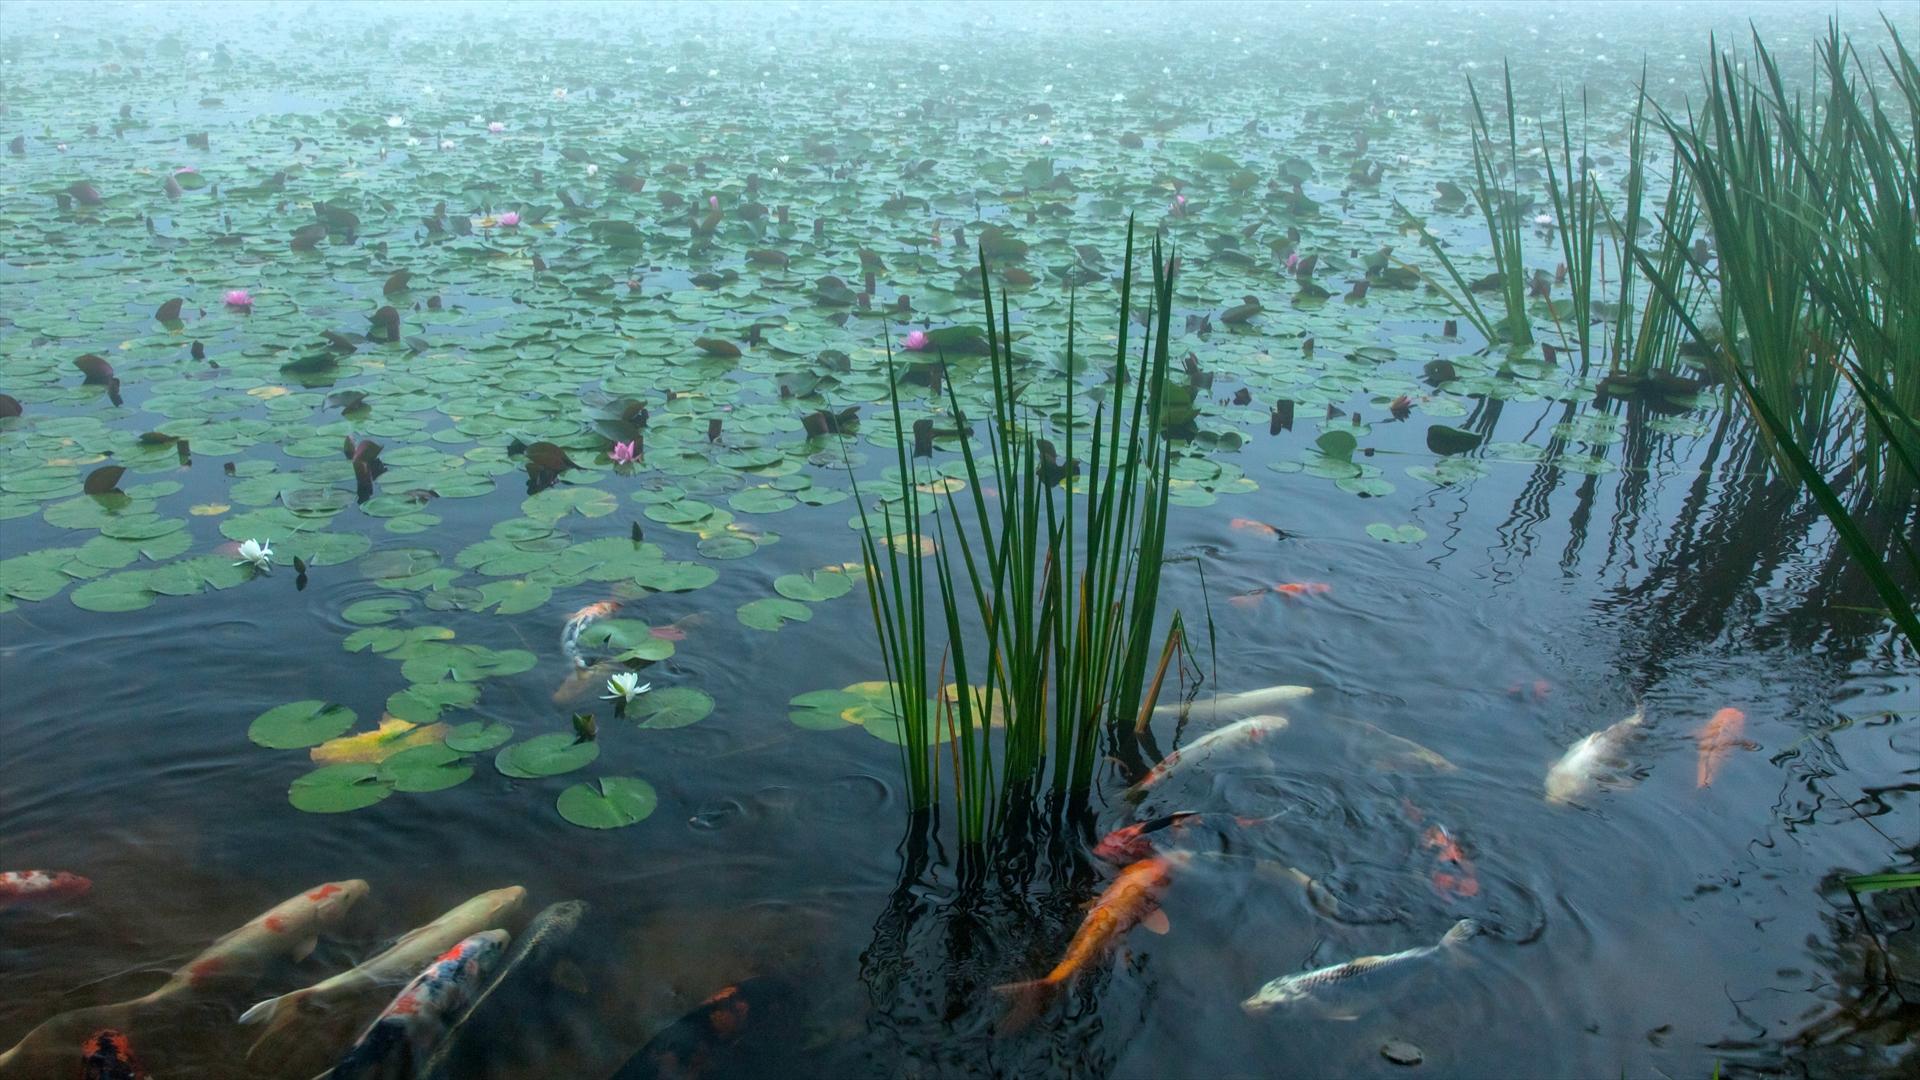 極楽寺山・蛇の池の画像